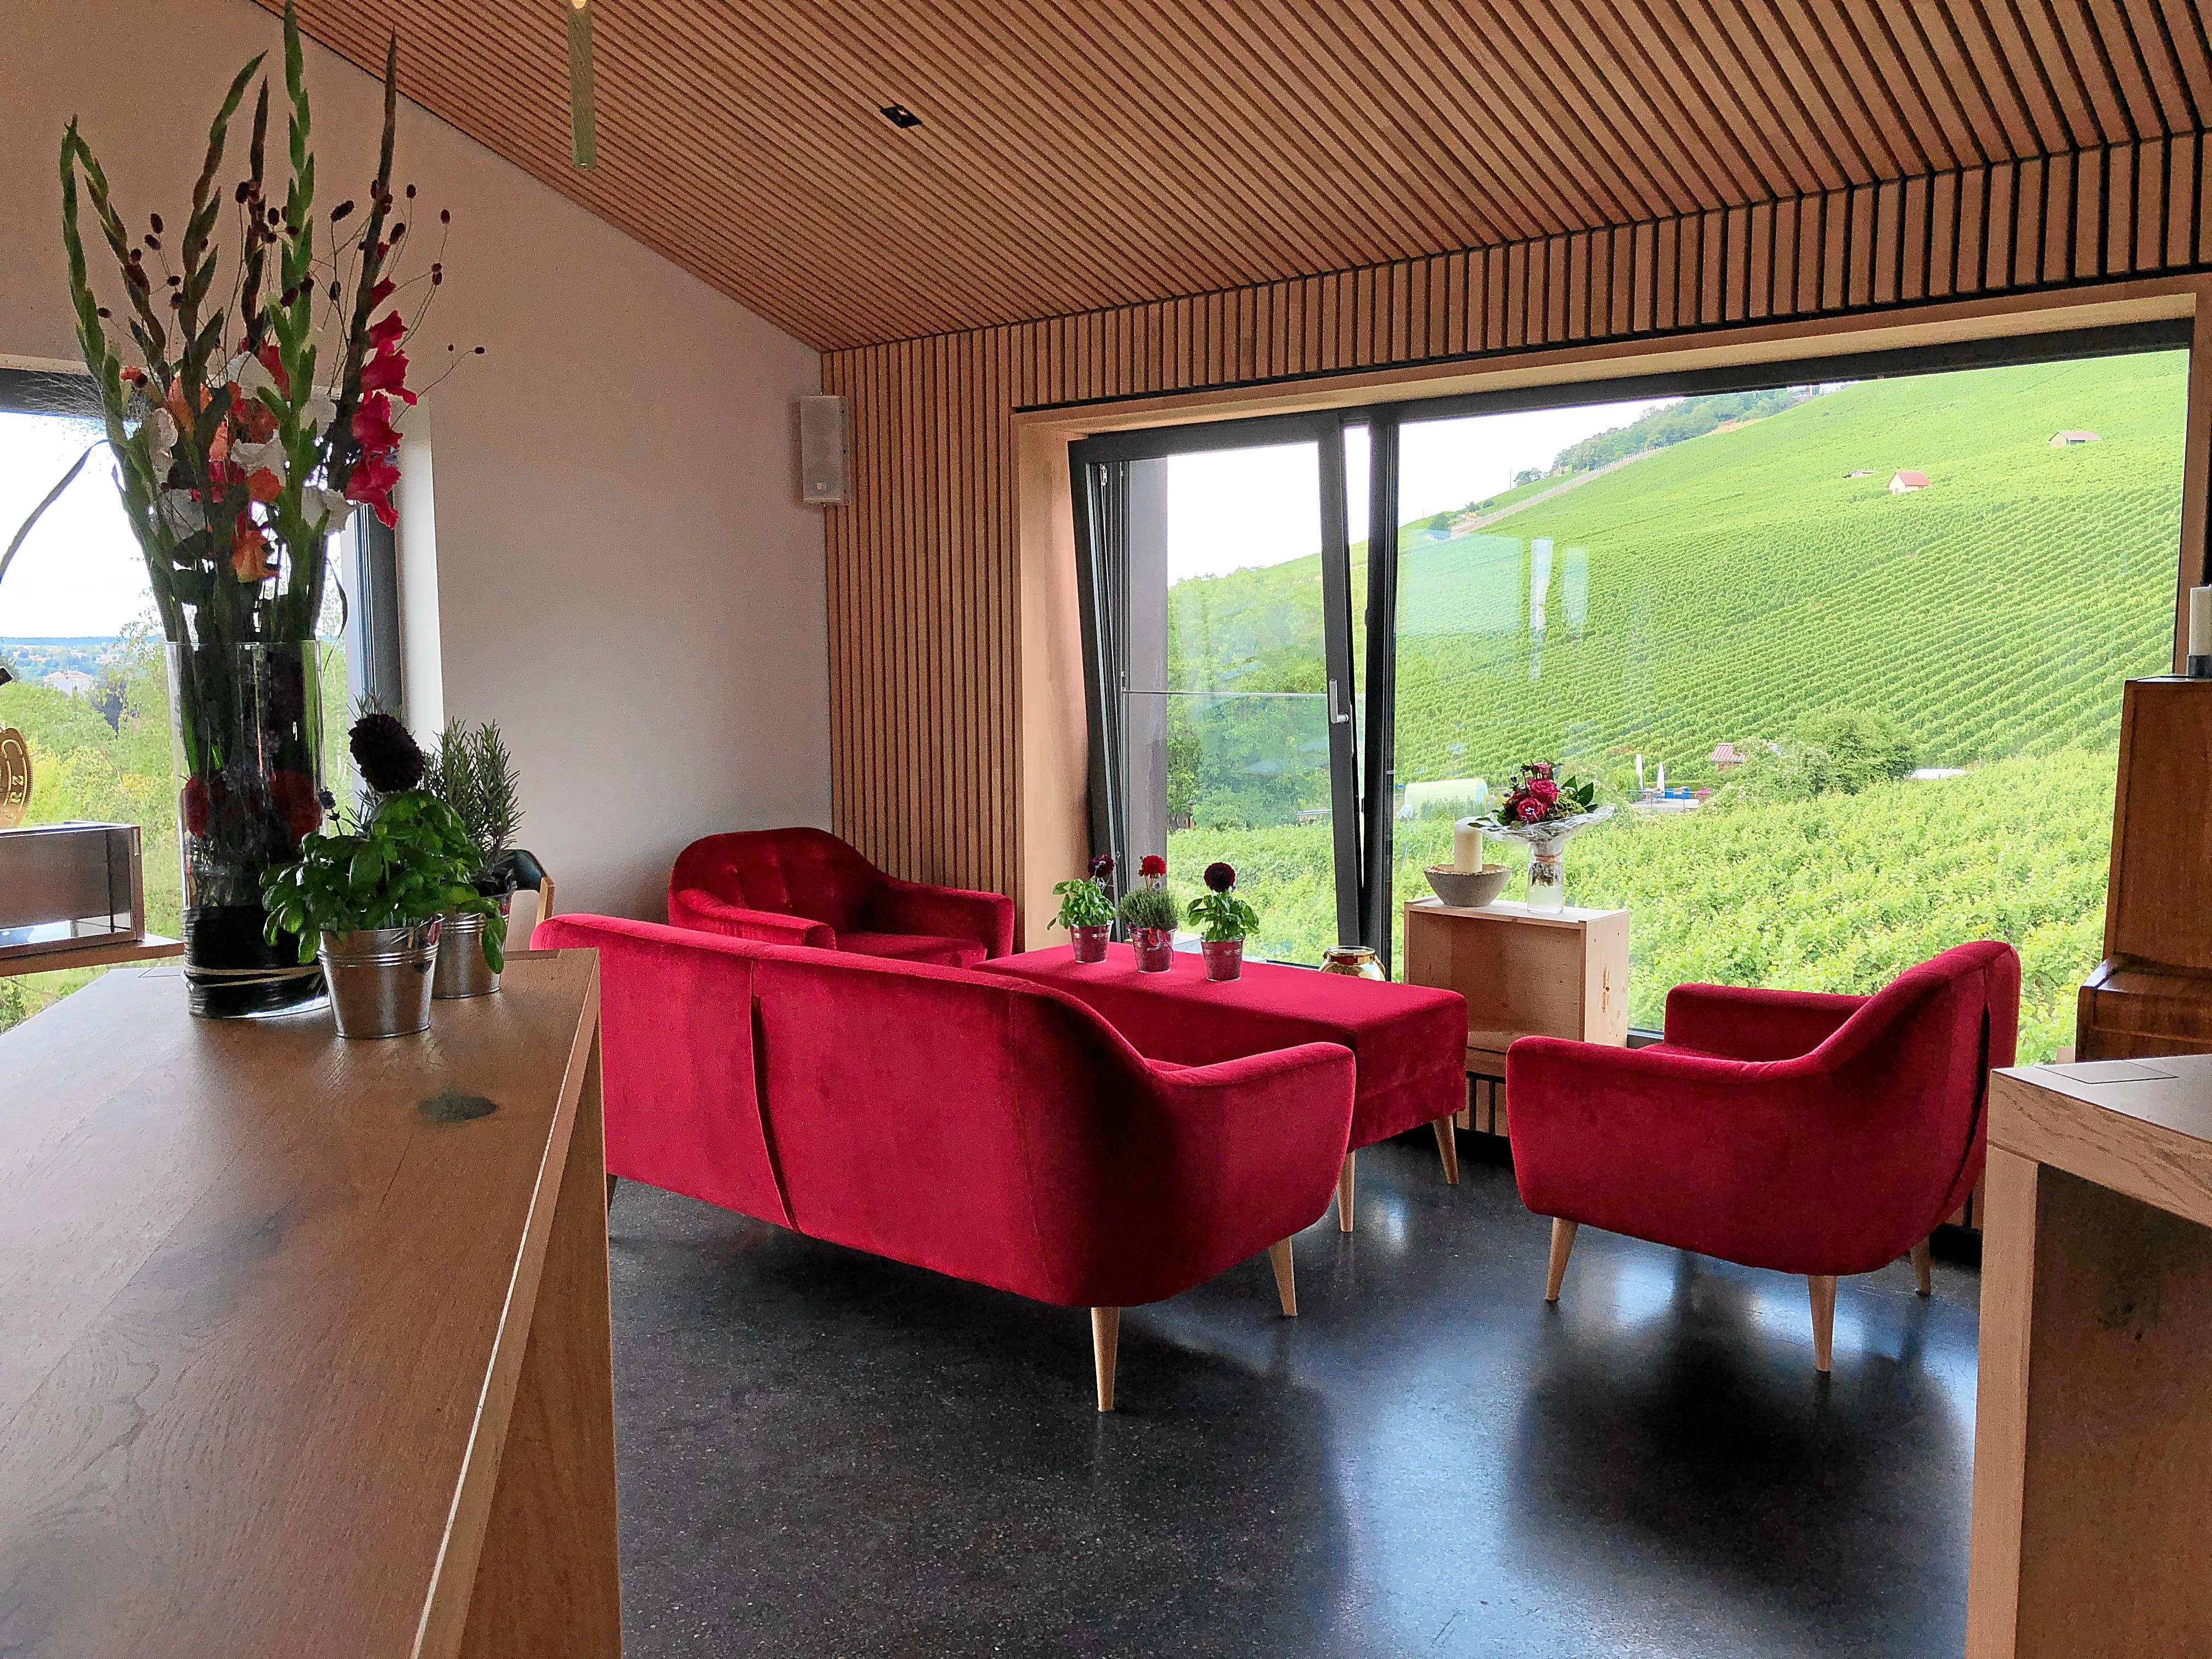 Fenster zum Wartberg - WeinChilout